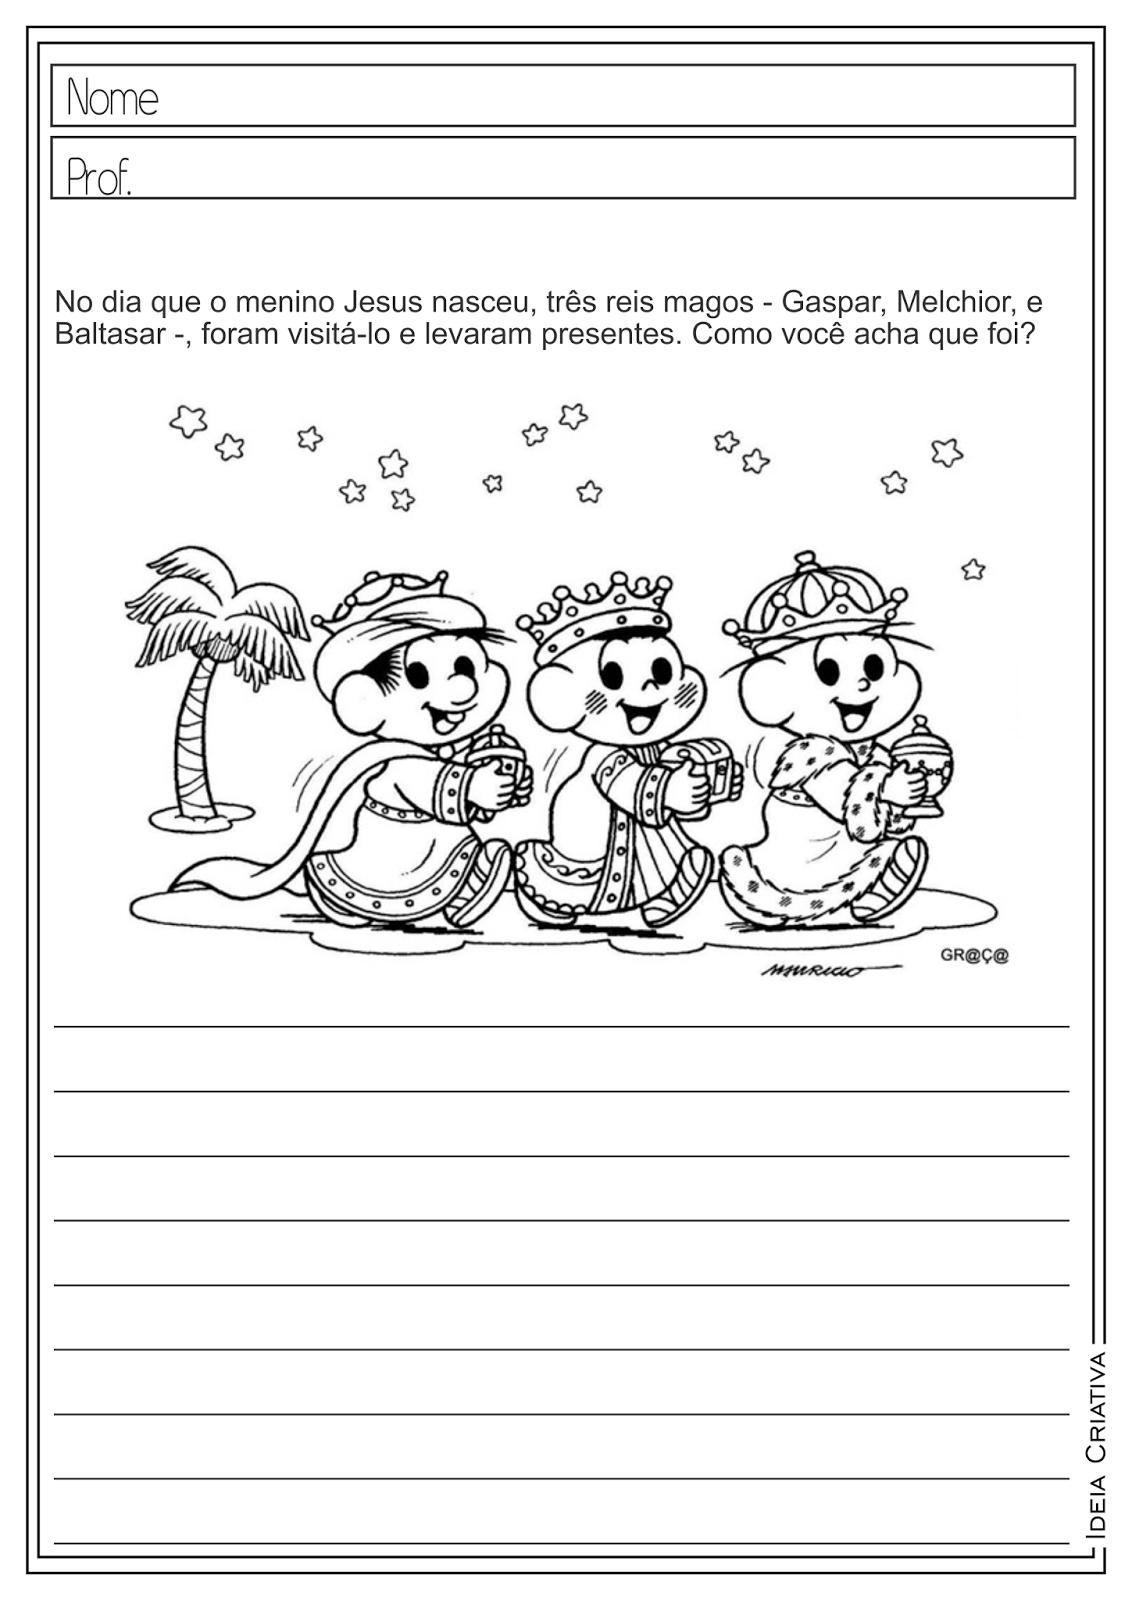 Atividades Educativas Natal Interpretação e Produção de Texto Língua Portuguesa para Ensino Fundamental